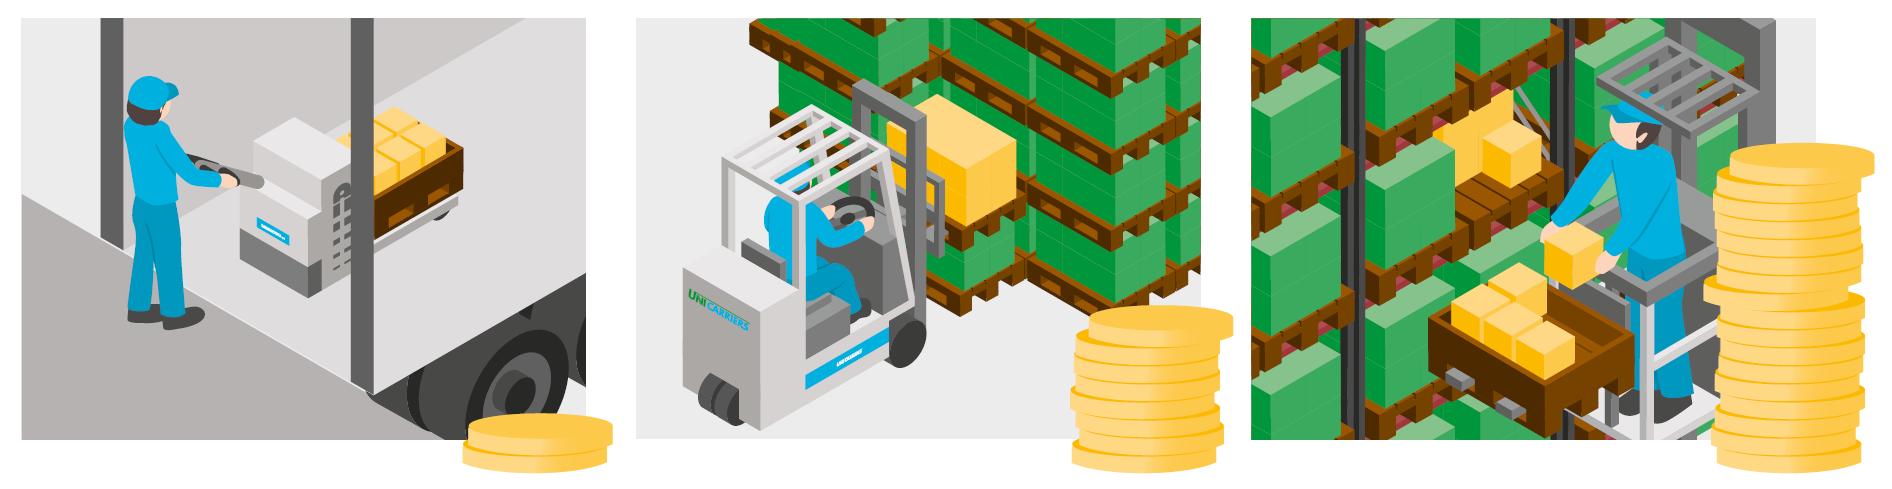 unloading-stacking-order-picking-2